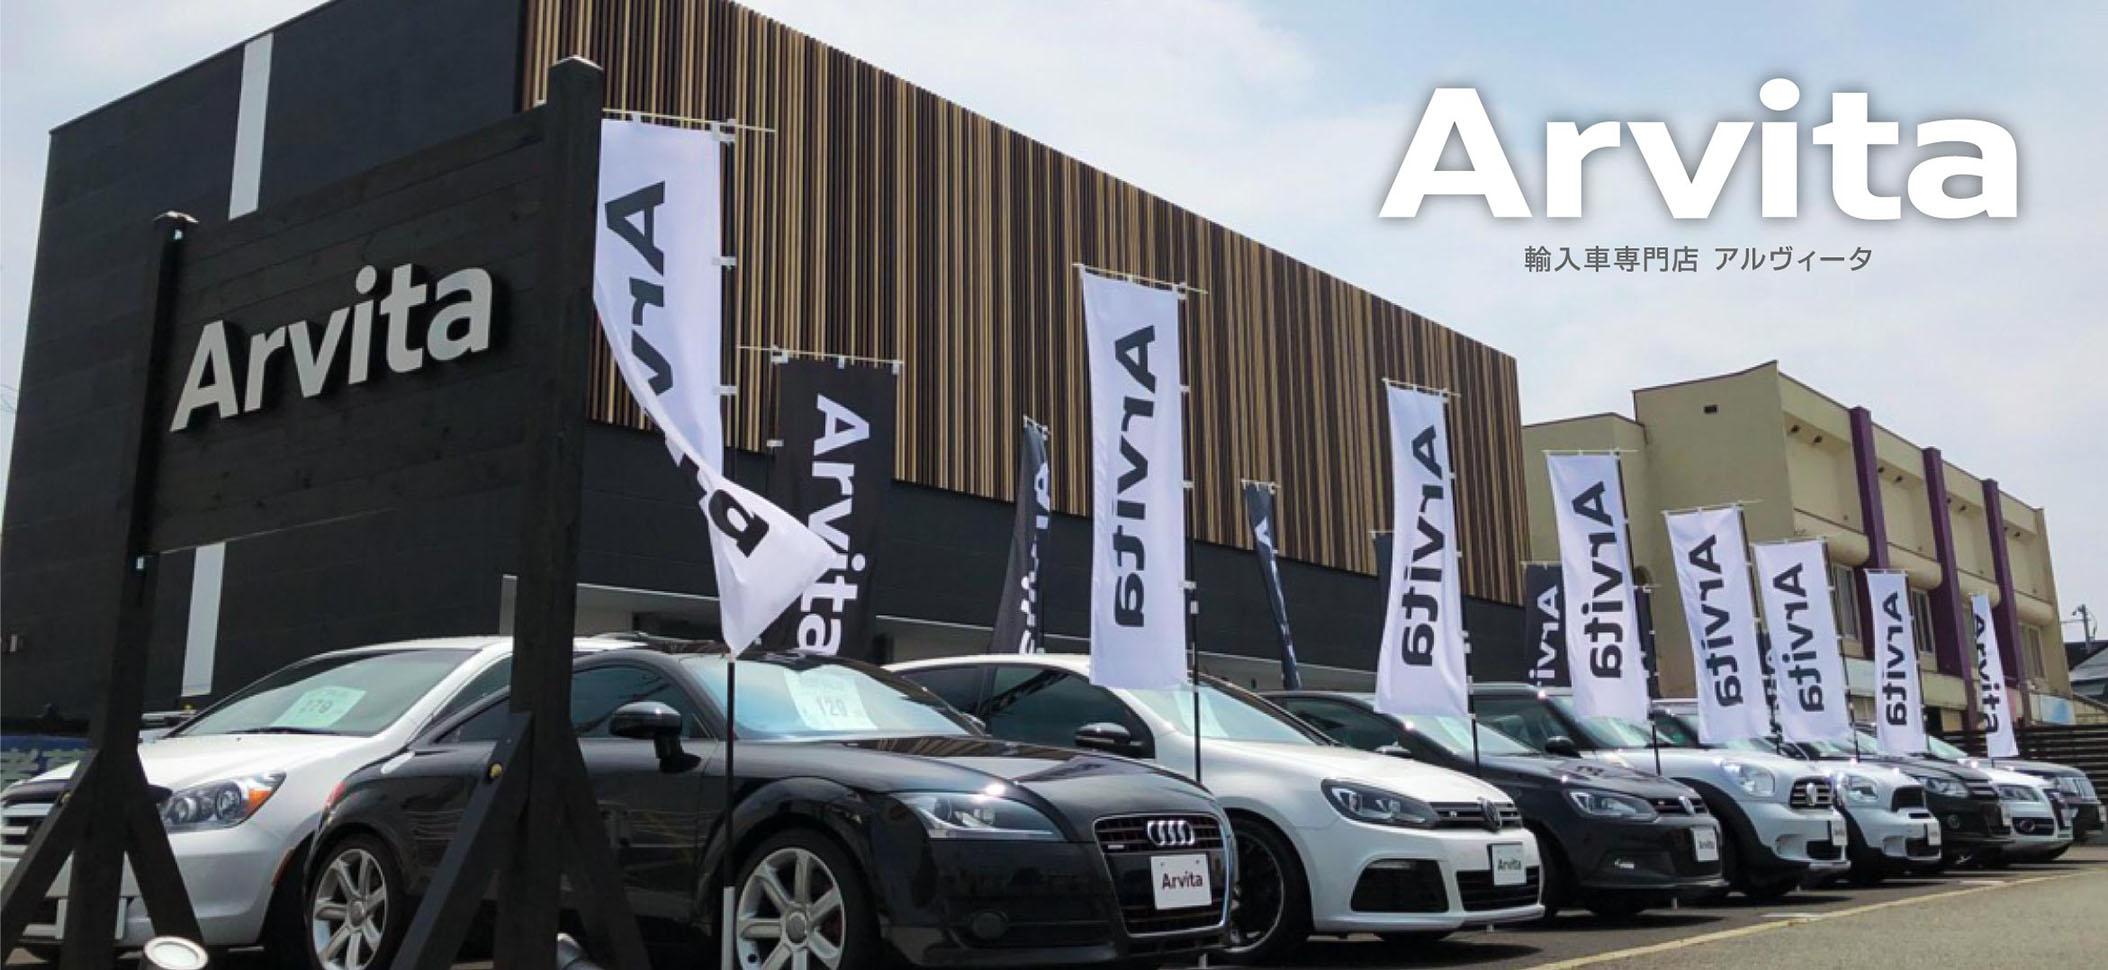 岩手県盛岡市の輸入車専門店アルヴィータ